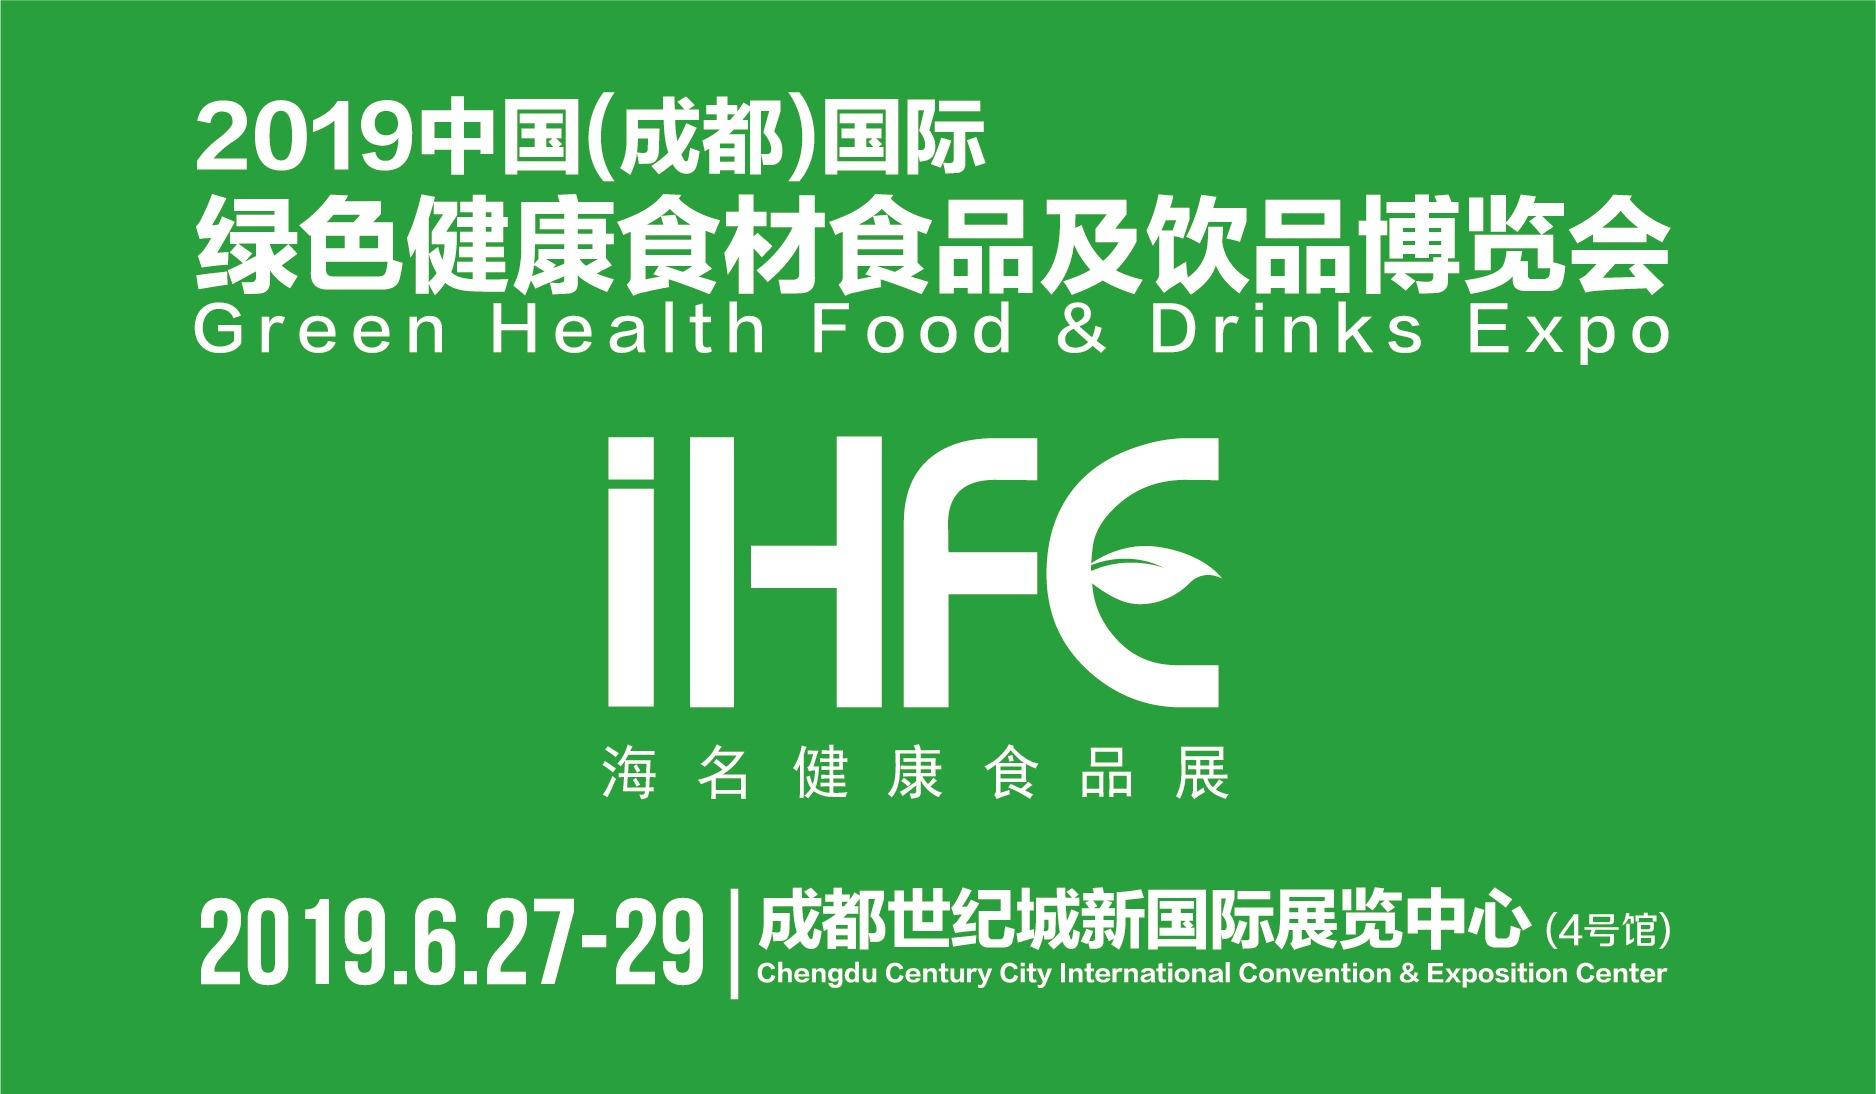 2019中国(成都)绿色健康食材食品及饮品博览会